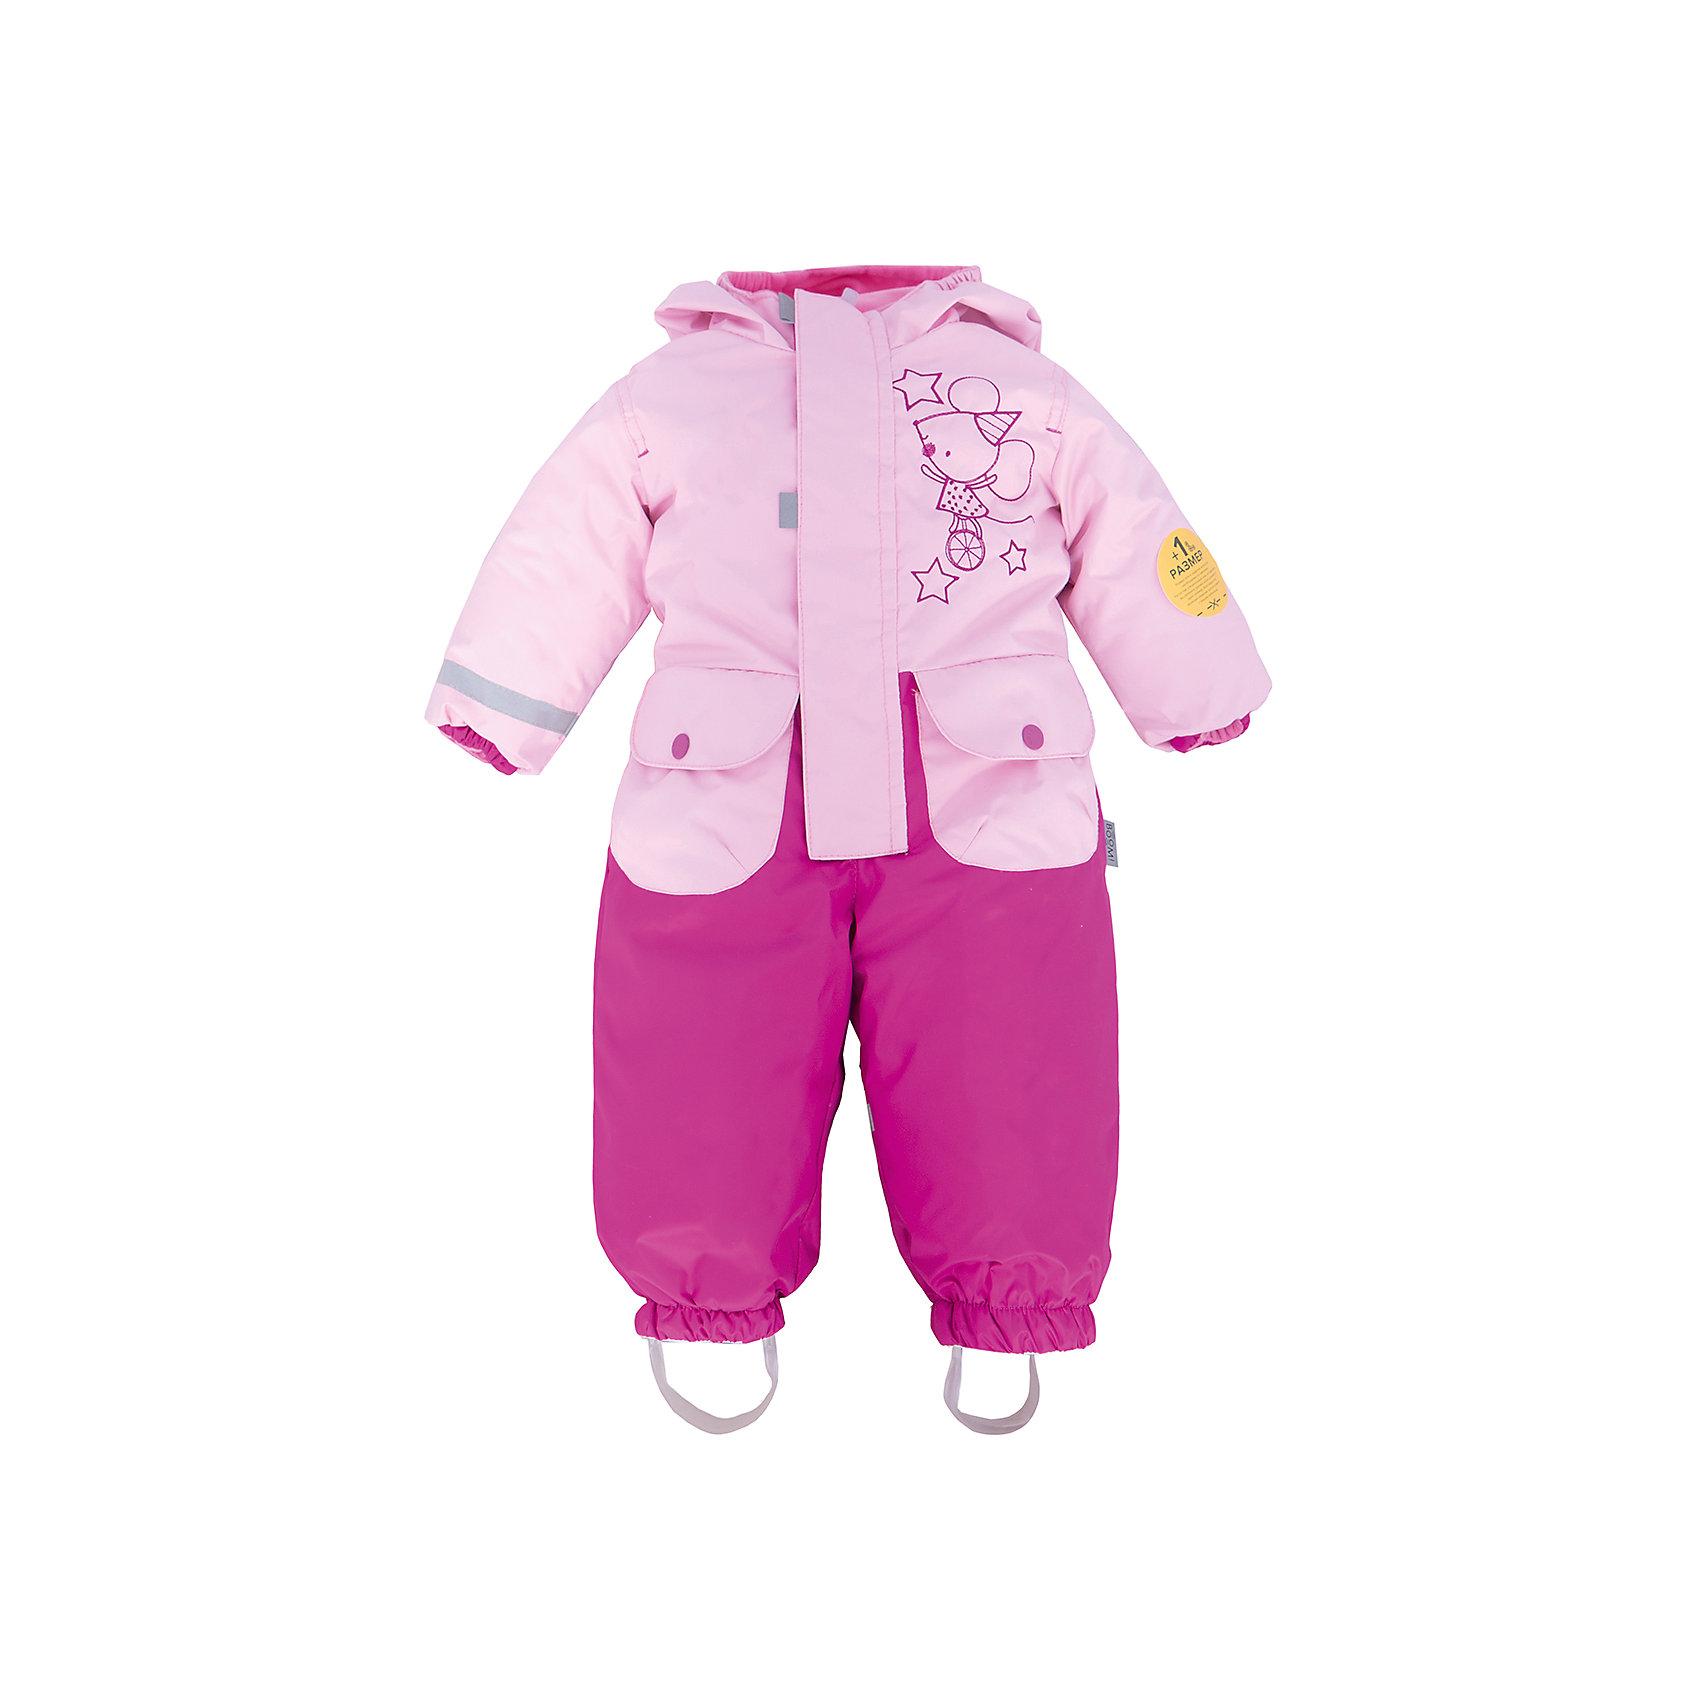 Комбинезон для девочки BOOM by OrbyВерхняя одежда<br>Характеристики товара:<br><br>• цвет: розовый/фуксия<br>• состав: верх - нейлон с мембранным покрытием 3000*3000, подкладка - поларфлис, поликоттон, утеплитель: FiberSoft 100 г/м2<br>• температурный режим: от -5°до +10°С<br>• ветронепроницаемый<br>• капюшон не отстёгивается<br>• застежка - молния<br>• планка от ветра<br>• водо- и грязеотталкивающее покрытие<br>• карманы<br>• штрипки<br>• декорирован принтом<br>• мембранное дышащее покрытие<br>• комфортная посадка<br>• страна производства: Российская Федерация<br>• страна бренда: Российская Федерация<br>• коллекция: весна-лето 2017<br><br>Одежда для самых маленьких должна быть особо комфортной! Такой комбинезон - отличный вариант для межсезонья с постоянно меняющейся погодой. Эта модель - модная и удобная одновременно! Изделие отличается стильным ярким дизайном. Комбинезон дополнен мягкой подкладкой. Вещь была разработана специально для малышей.<br><br>Одежда от российского бренда BOOM by Orby уже завоевала популярностью у многих детей и их родителей. Вещи, выпускаемые компанией, качественные, продуманные и очень удобные. Для производства коллекций используются только безопасные для детей материалы. Спешите приобрести модели из новой коллекции Весна-лето 2017! <br><br>Комбинезон для девочки от бренда BOOM by Orby можно купить в нашем интернет-магазине.<br><br>Ширина мм: 356<br>Глубина мм: 10<br>Высота мм: 245<br>Вес г: 519<br>Цвет: розовый<br>Возраст от месяцев: 6<br>Возраст до месяцев: 9<br>Пол: Женский<br>Возраст: Детский<br>Размер: 74,98,80,86,92<br>SKU: 5342769